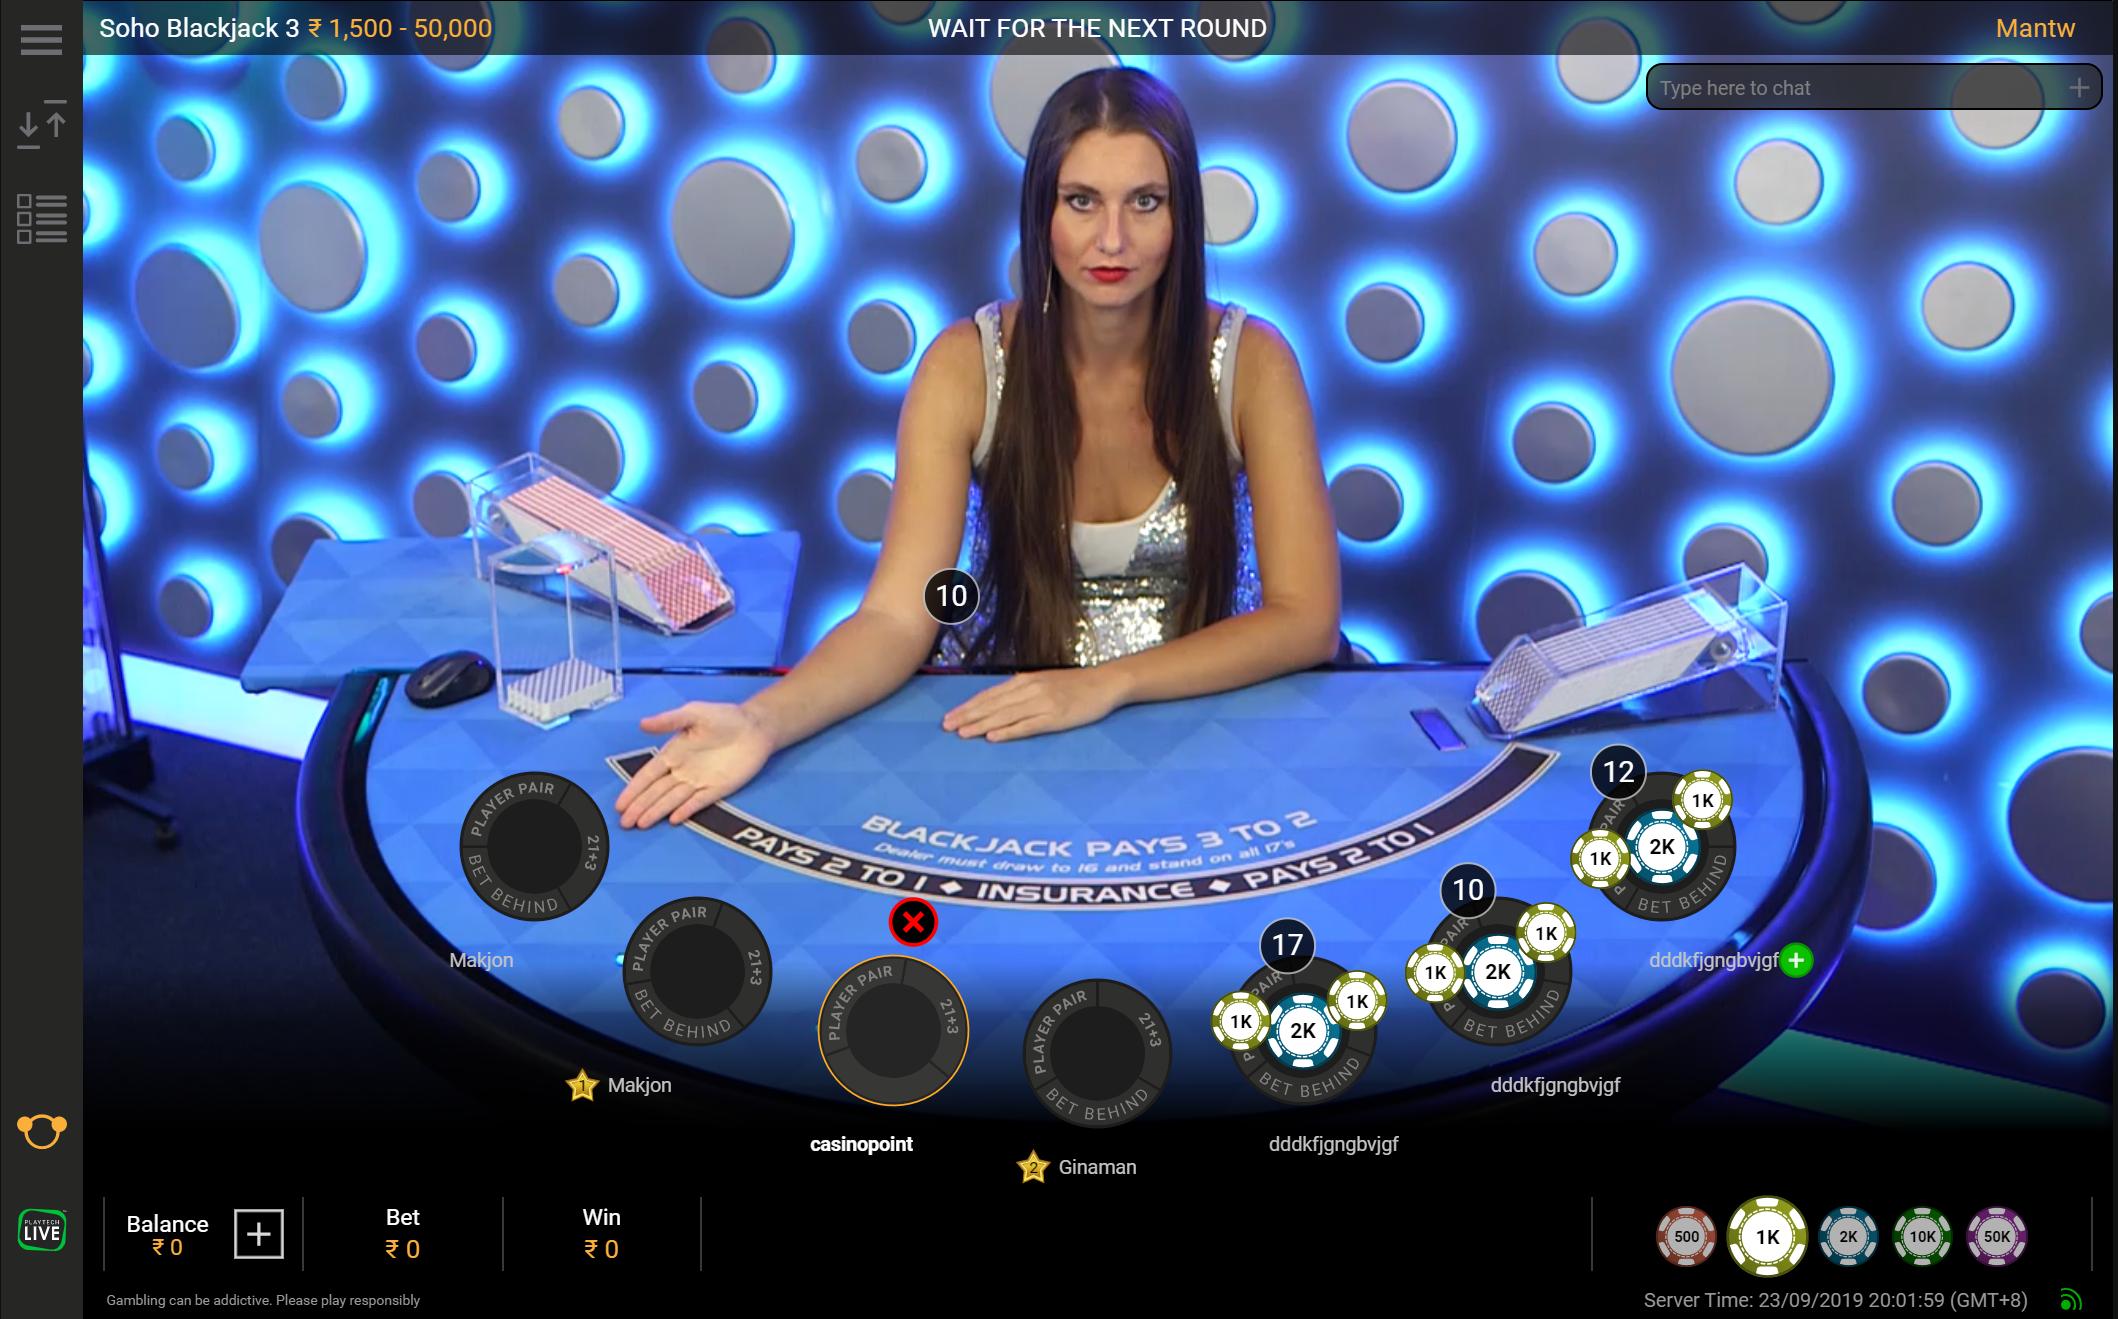 Live blackjack table on Dafabet